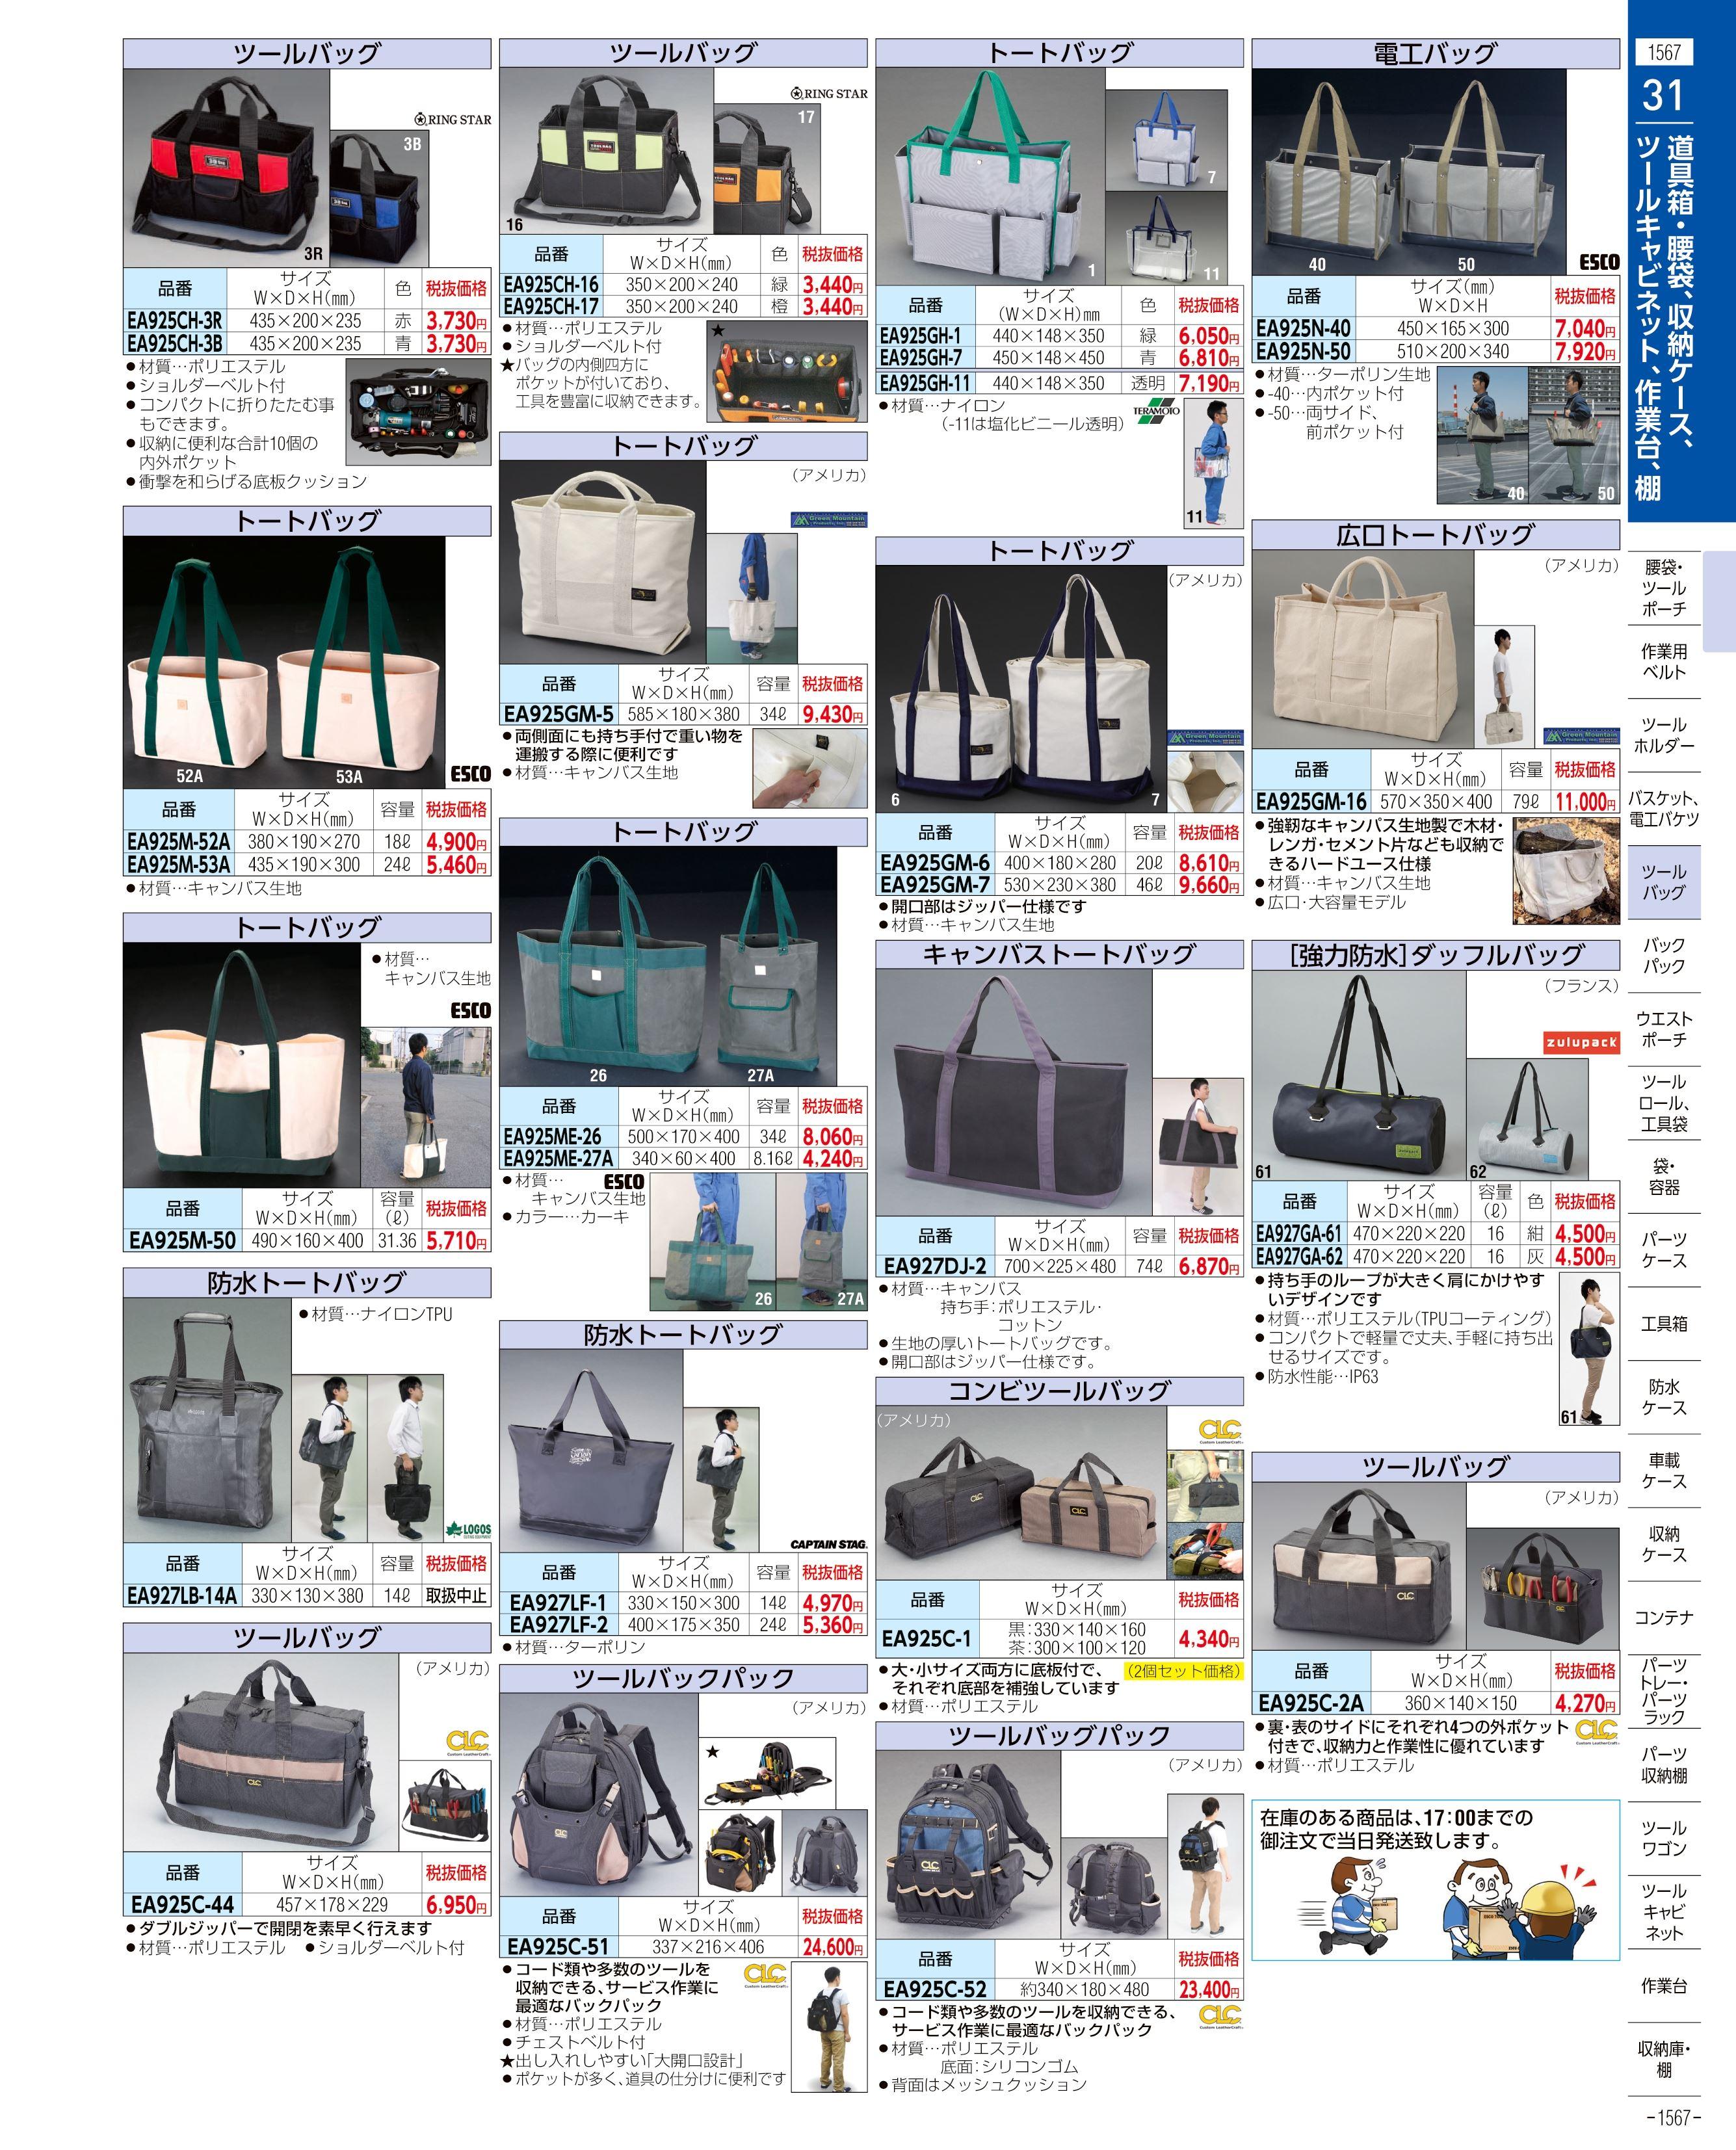 エスコ便利カタログ1567ページ